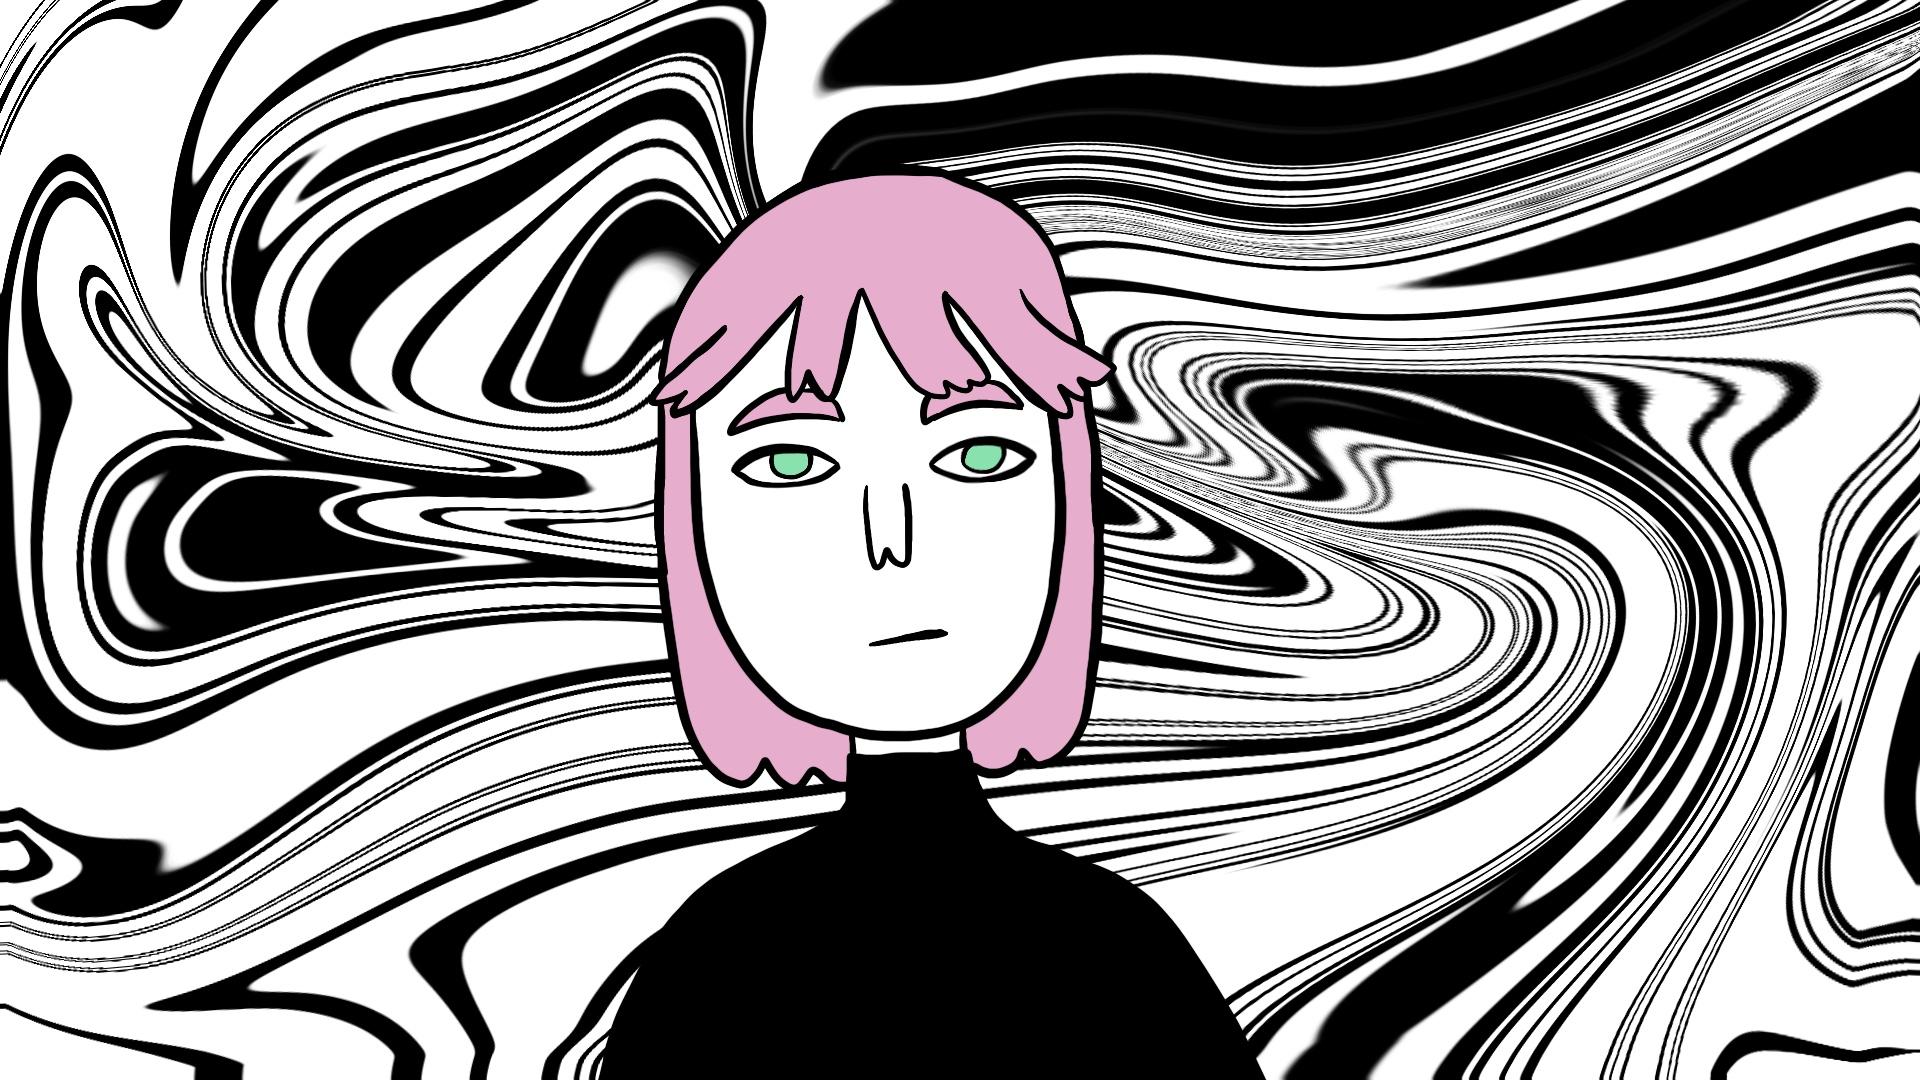 Dreamy Girl / OM 4D